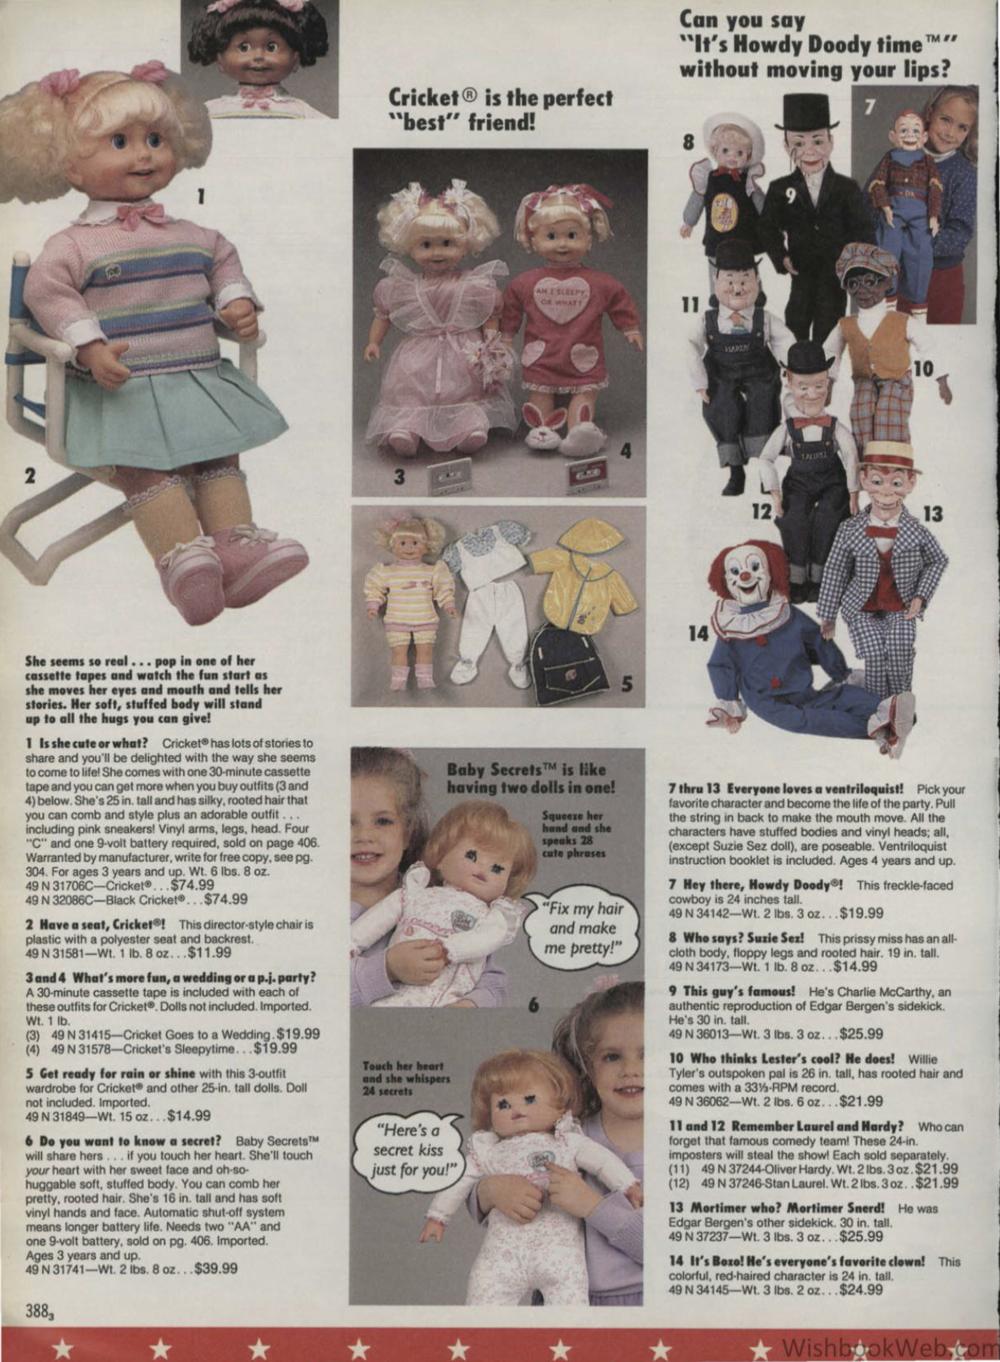 Nikki - Cricket the Talking Doll - wishbookweb.com